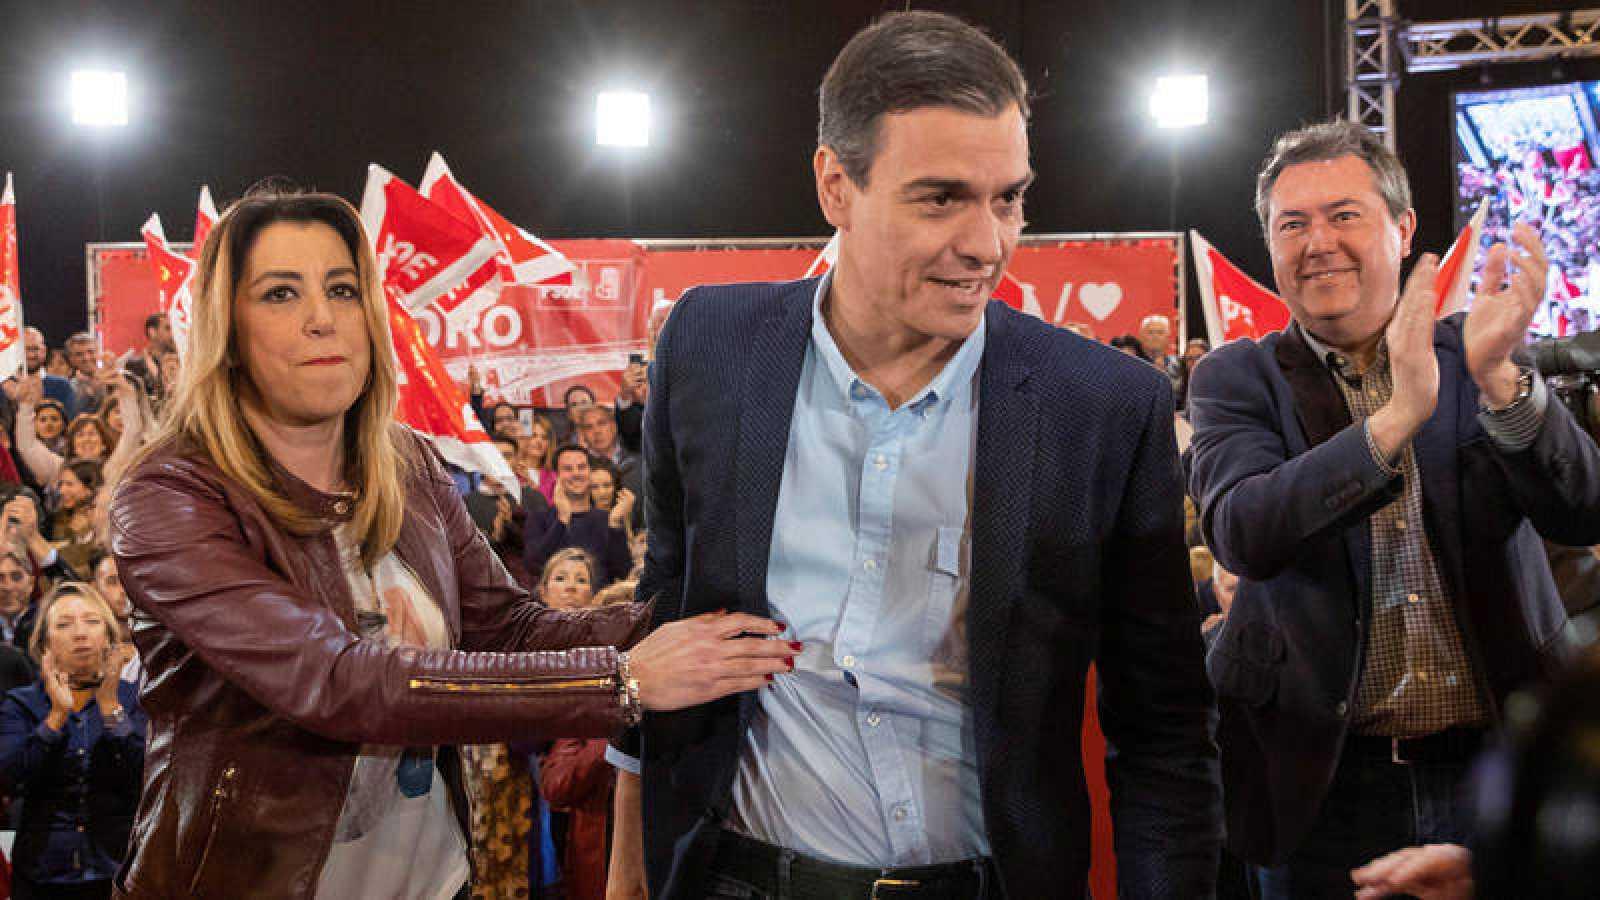 Pedro Sánchez y Susana Díaz en el acto electoral que el PSOE celebra en Sevilla